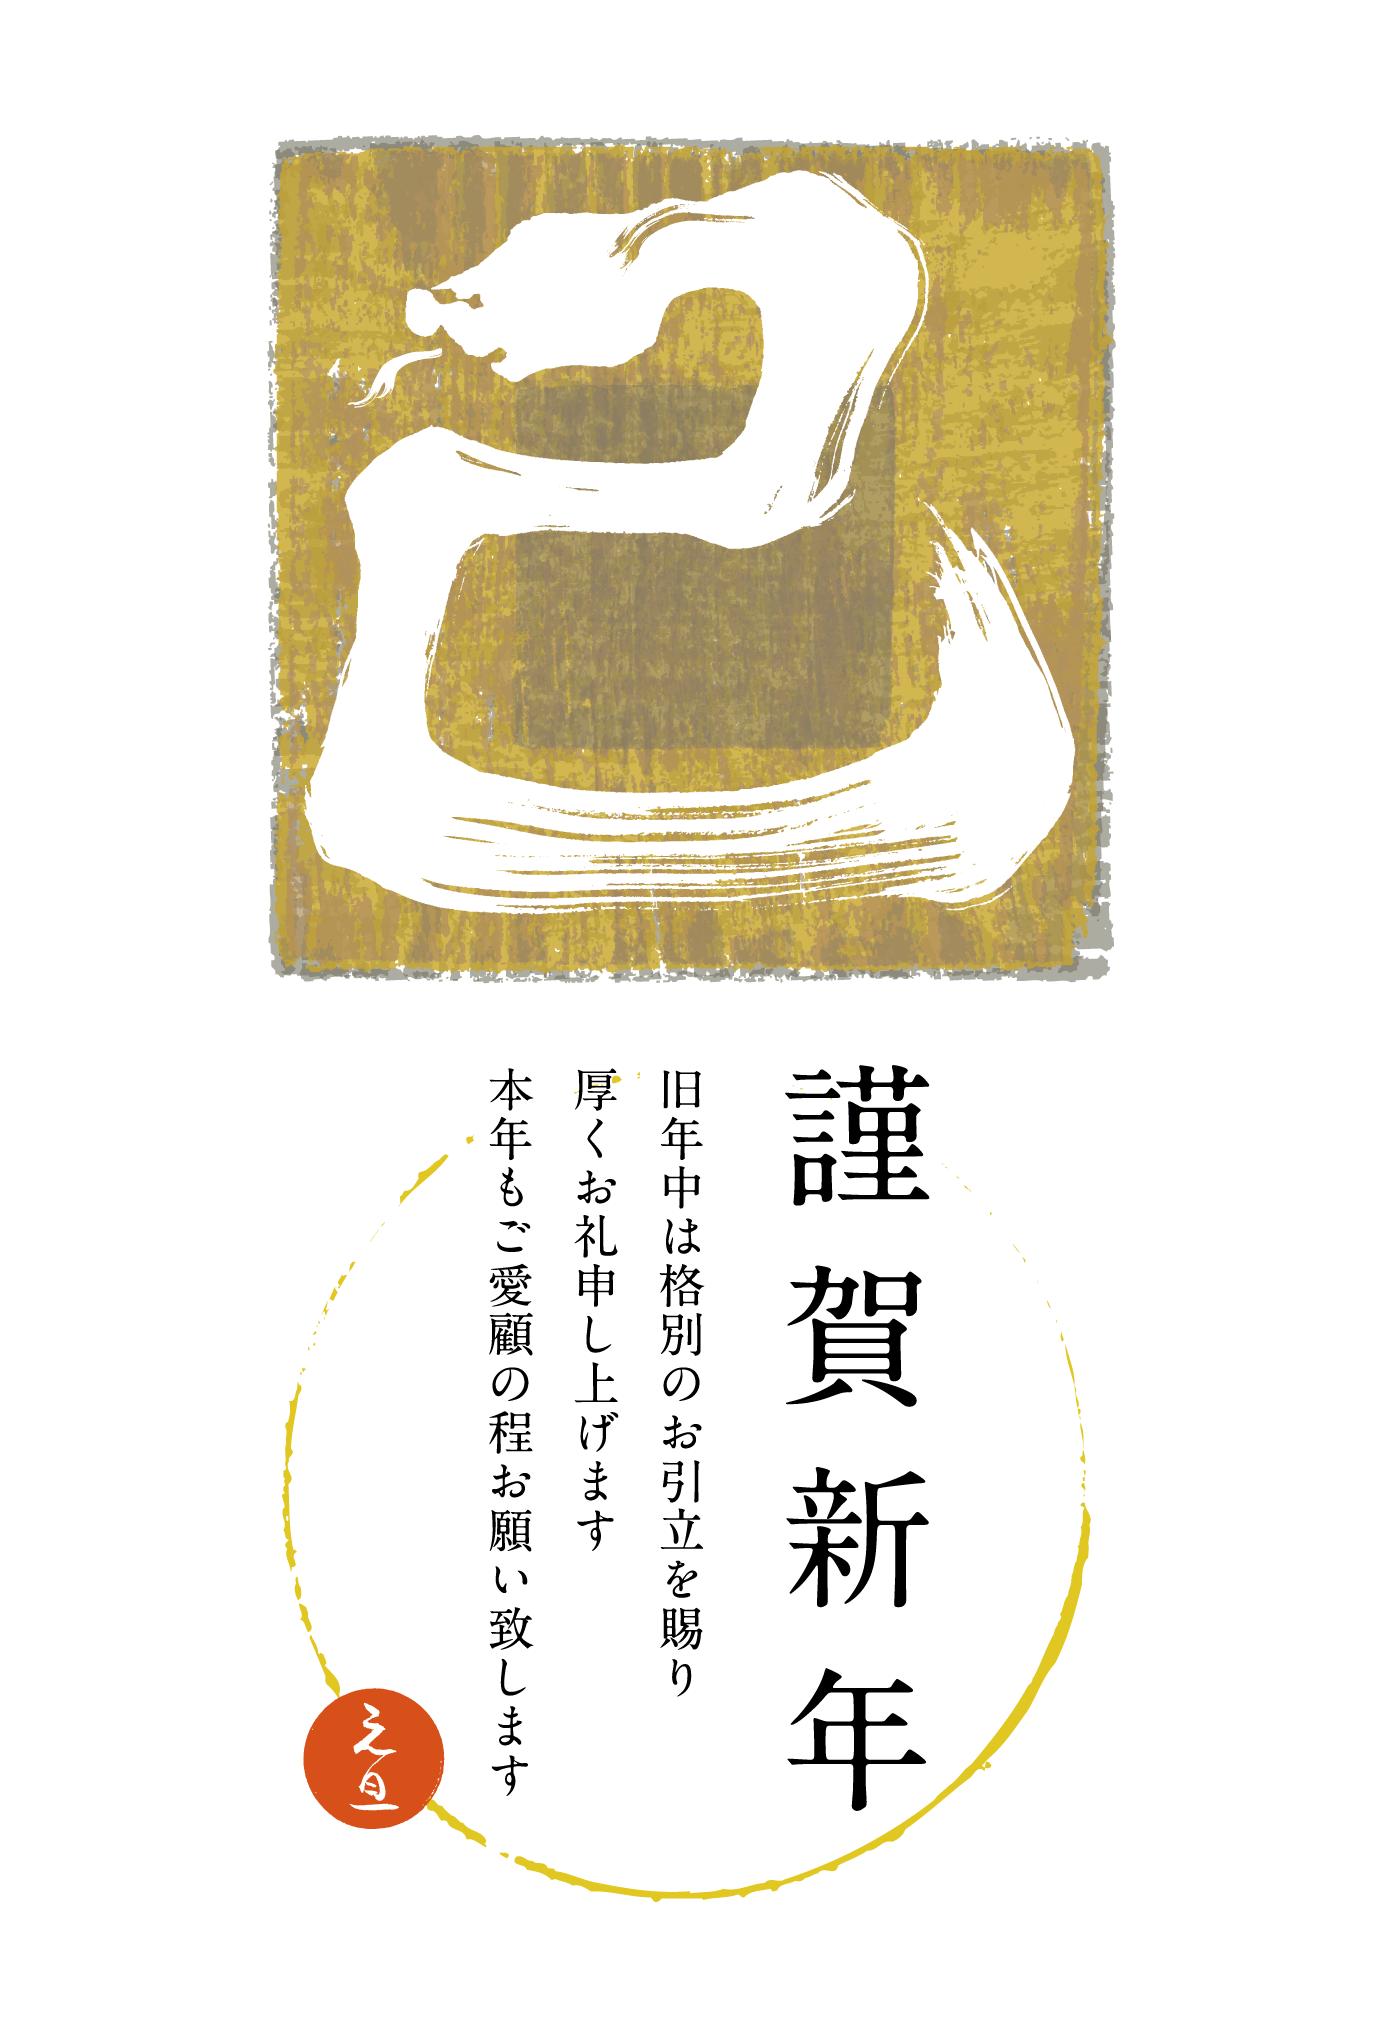 2013年賀状16:巳 Calligraphy(金角)のダウンロード画像